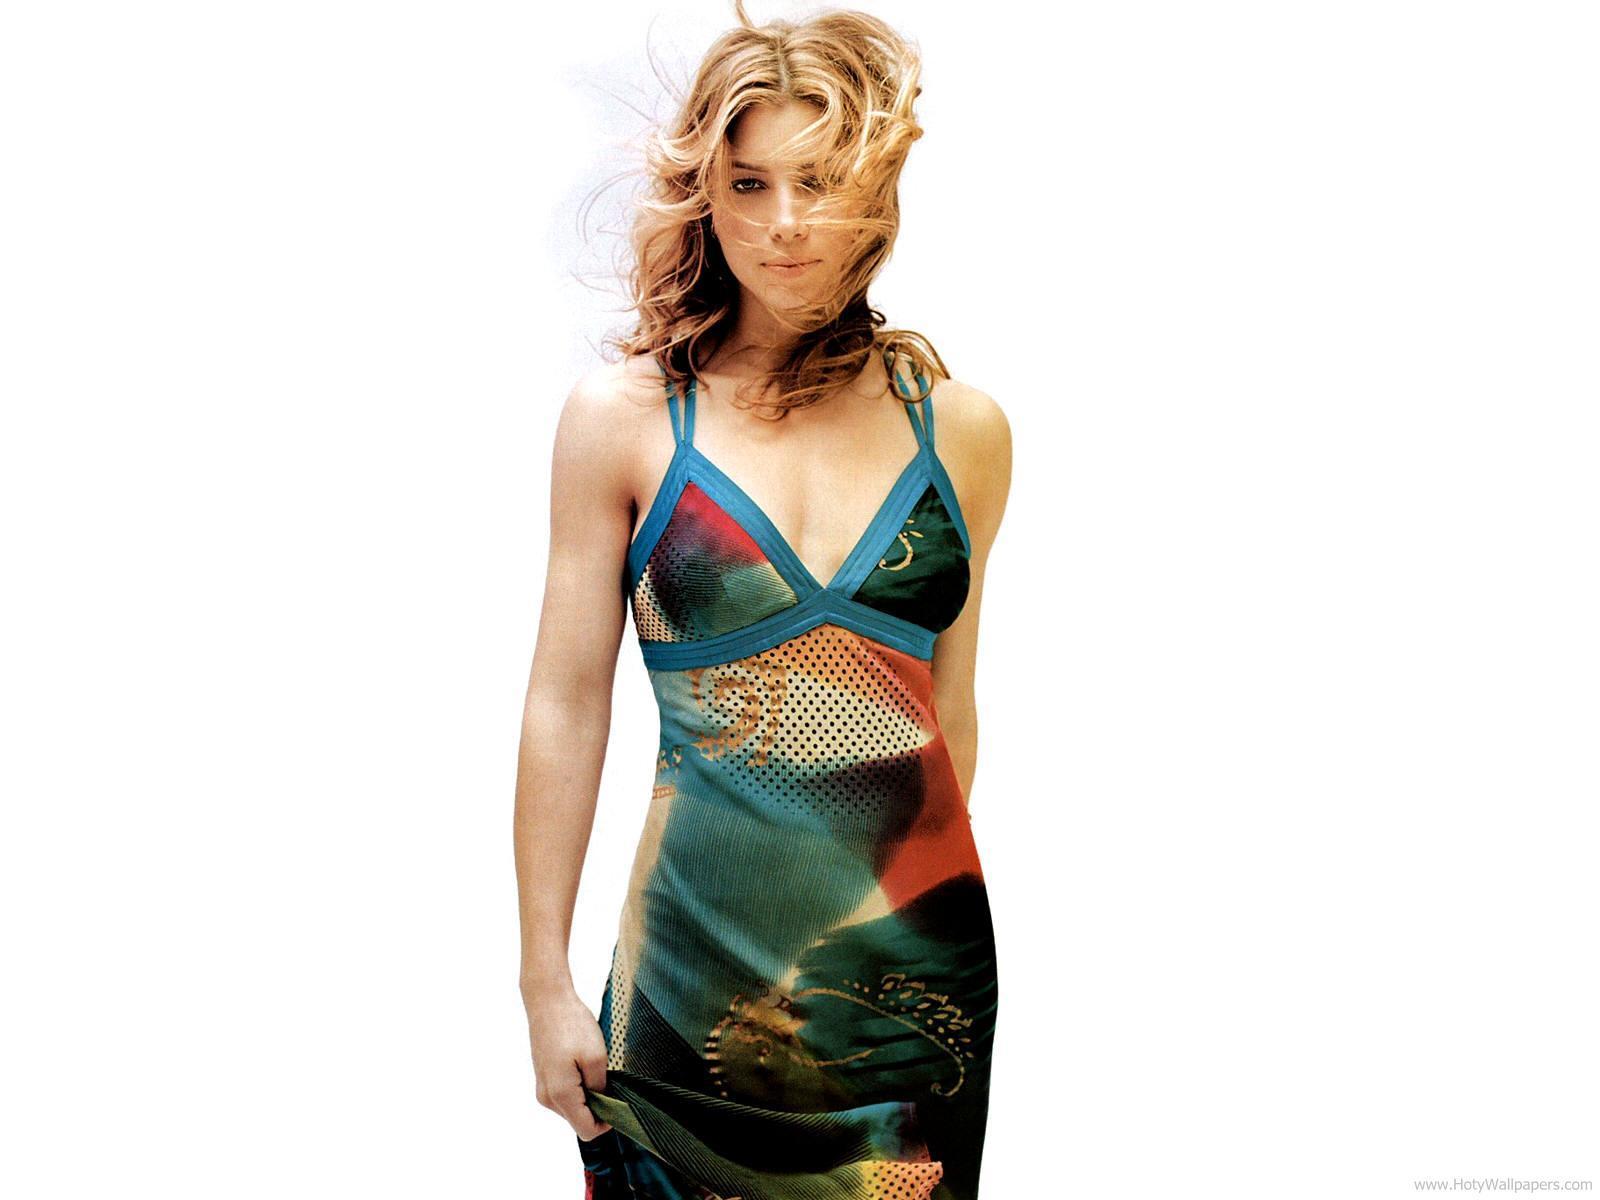 http://4.bp.blogspot.com/-zsOLPyh2FKQ/TravoveBOVI/AAAAAAAAPiM/8f1RGrLPXLY/s1600/jessica_biel_actress_hq_wallpaper-06-1600x1200.jpg